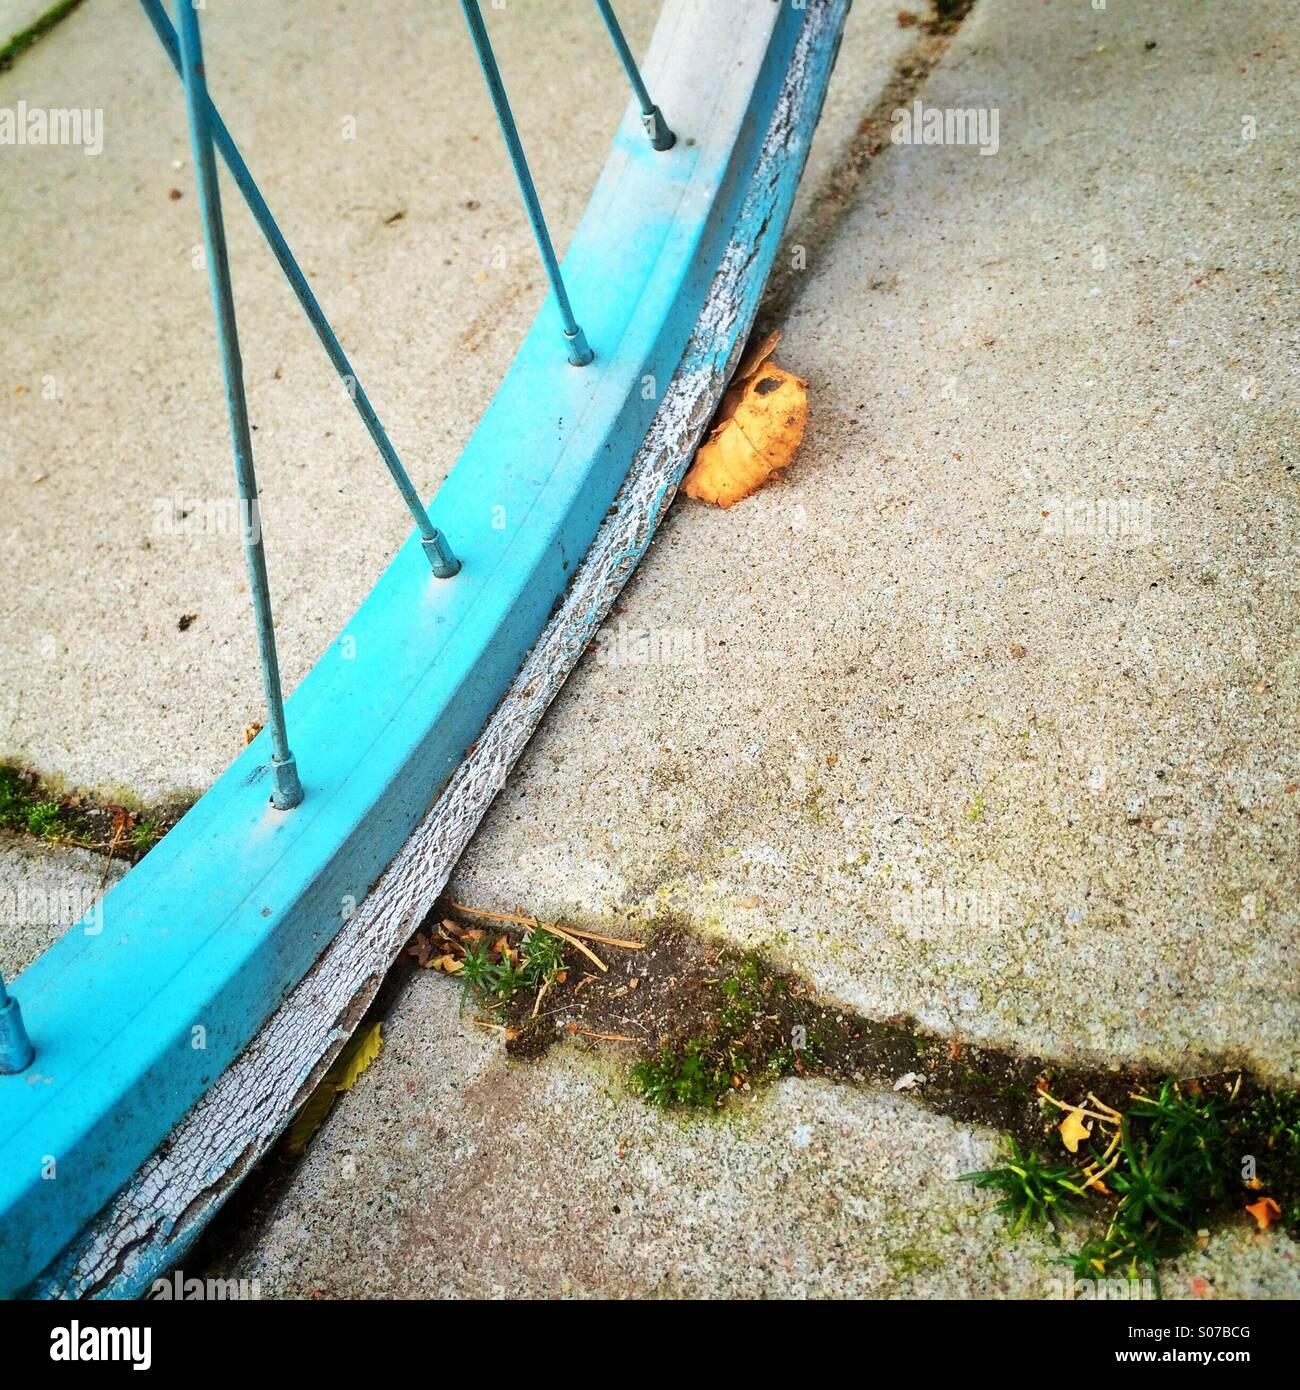 Neumáticos para bicicletas plana en la calle durante el otoño Imagen De Stock